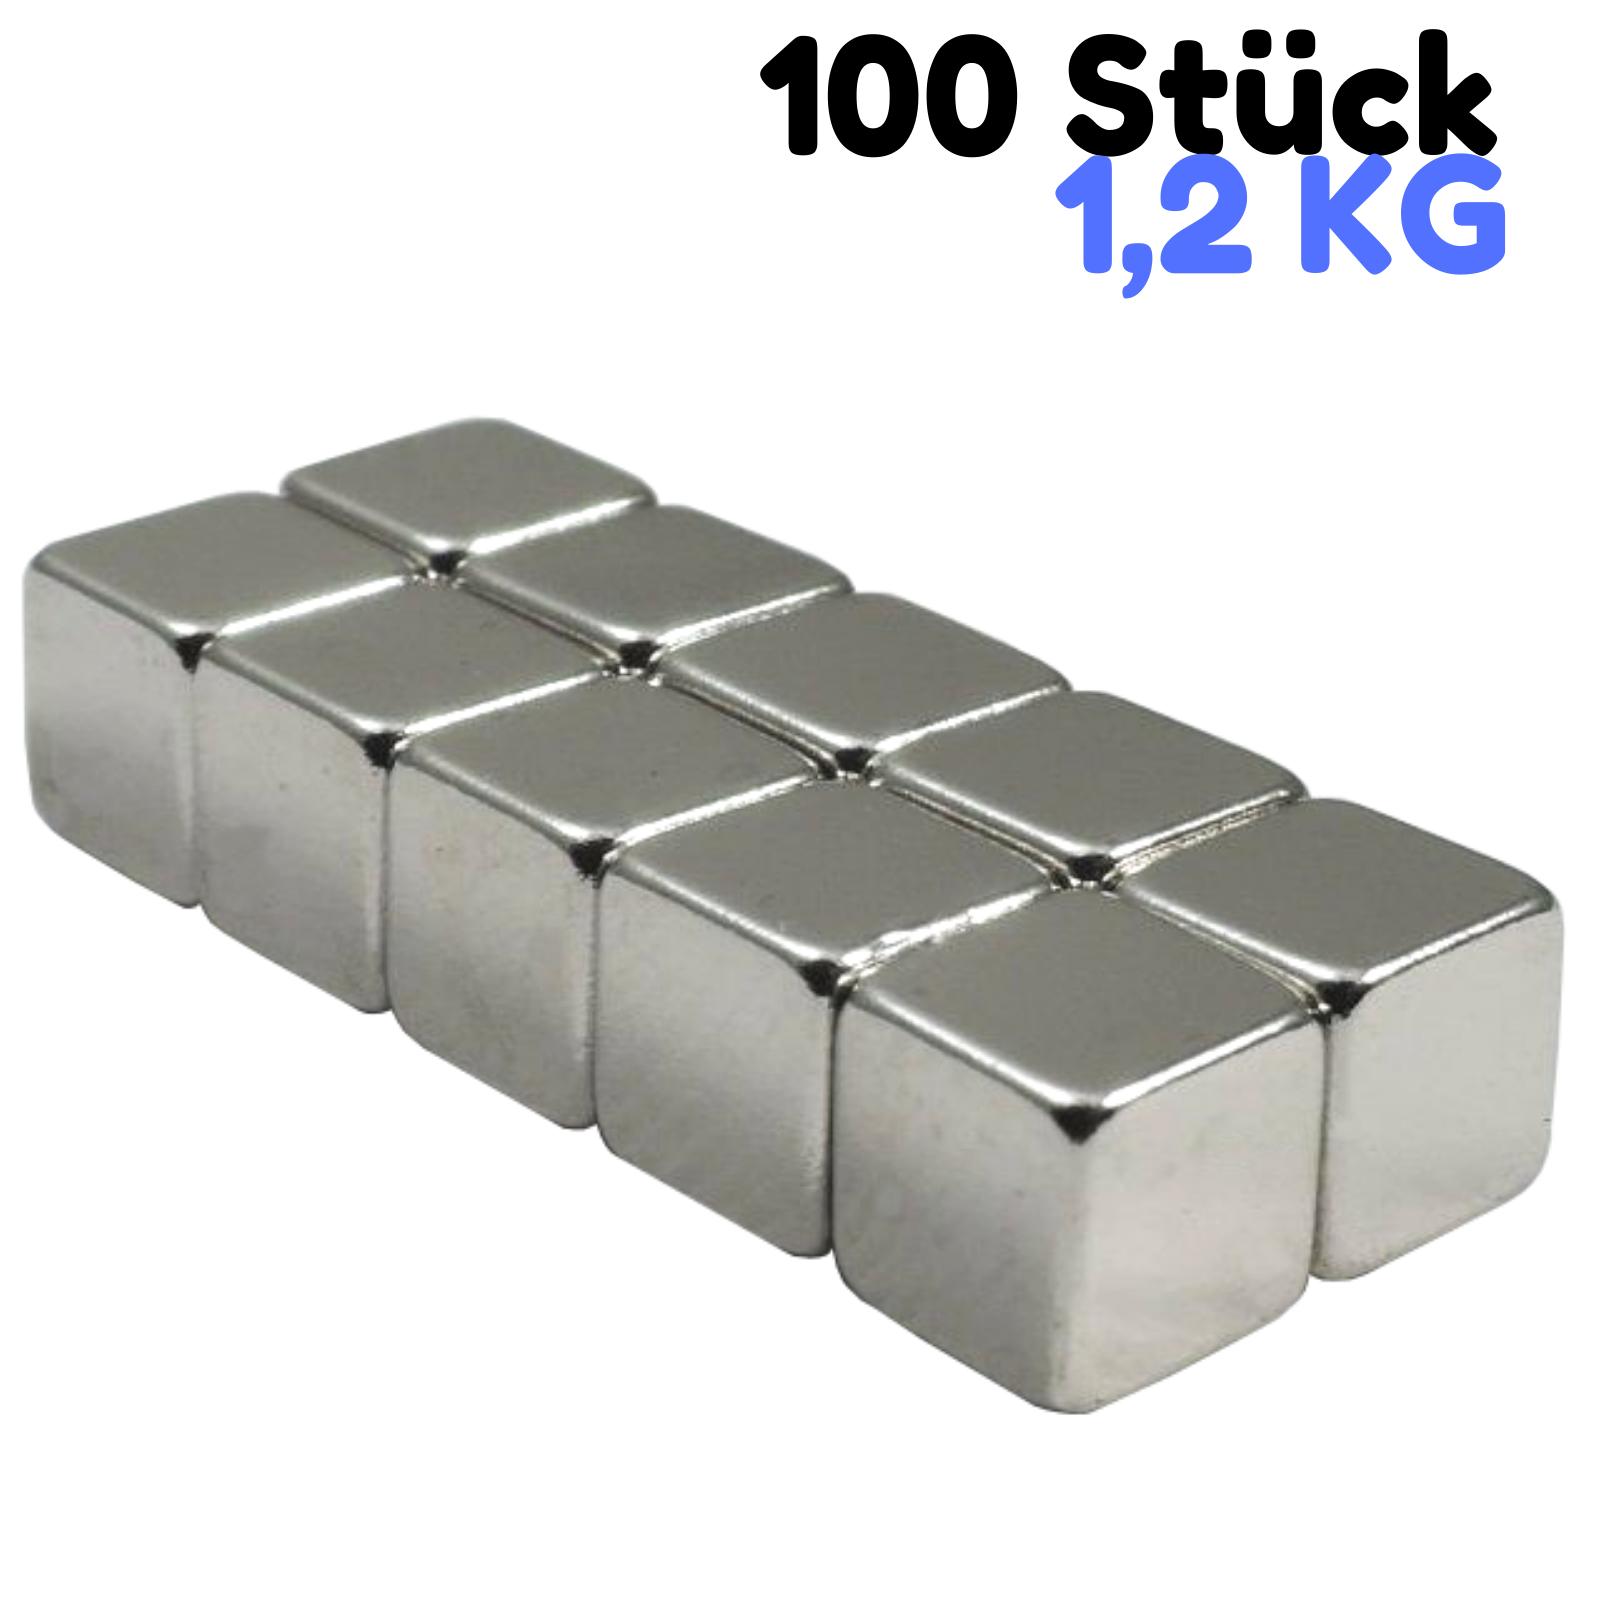 100 STÜCK NEODYM POWER MAGNET WÜRFEL 10x10x10mm N52 VERNICKELT EXTREM STARK !!!